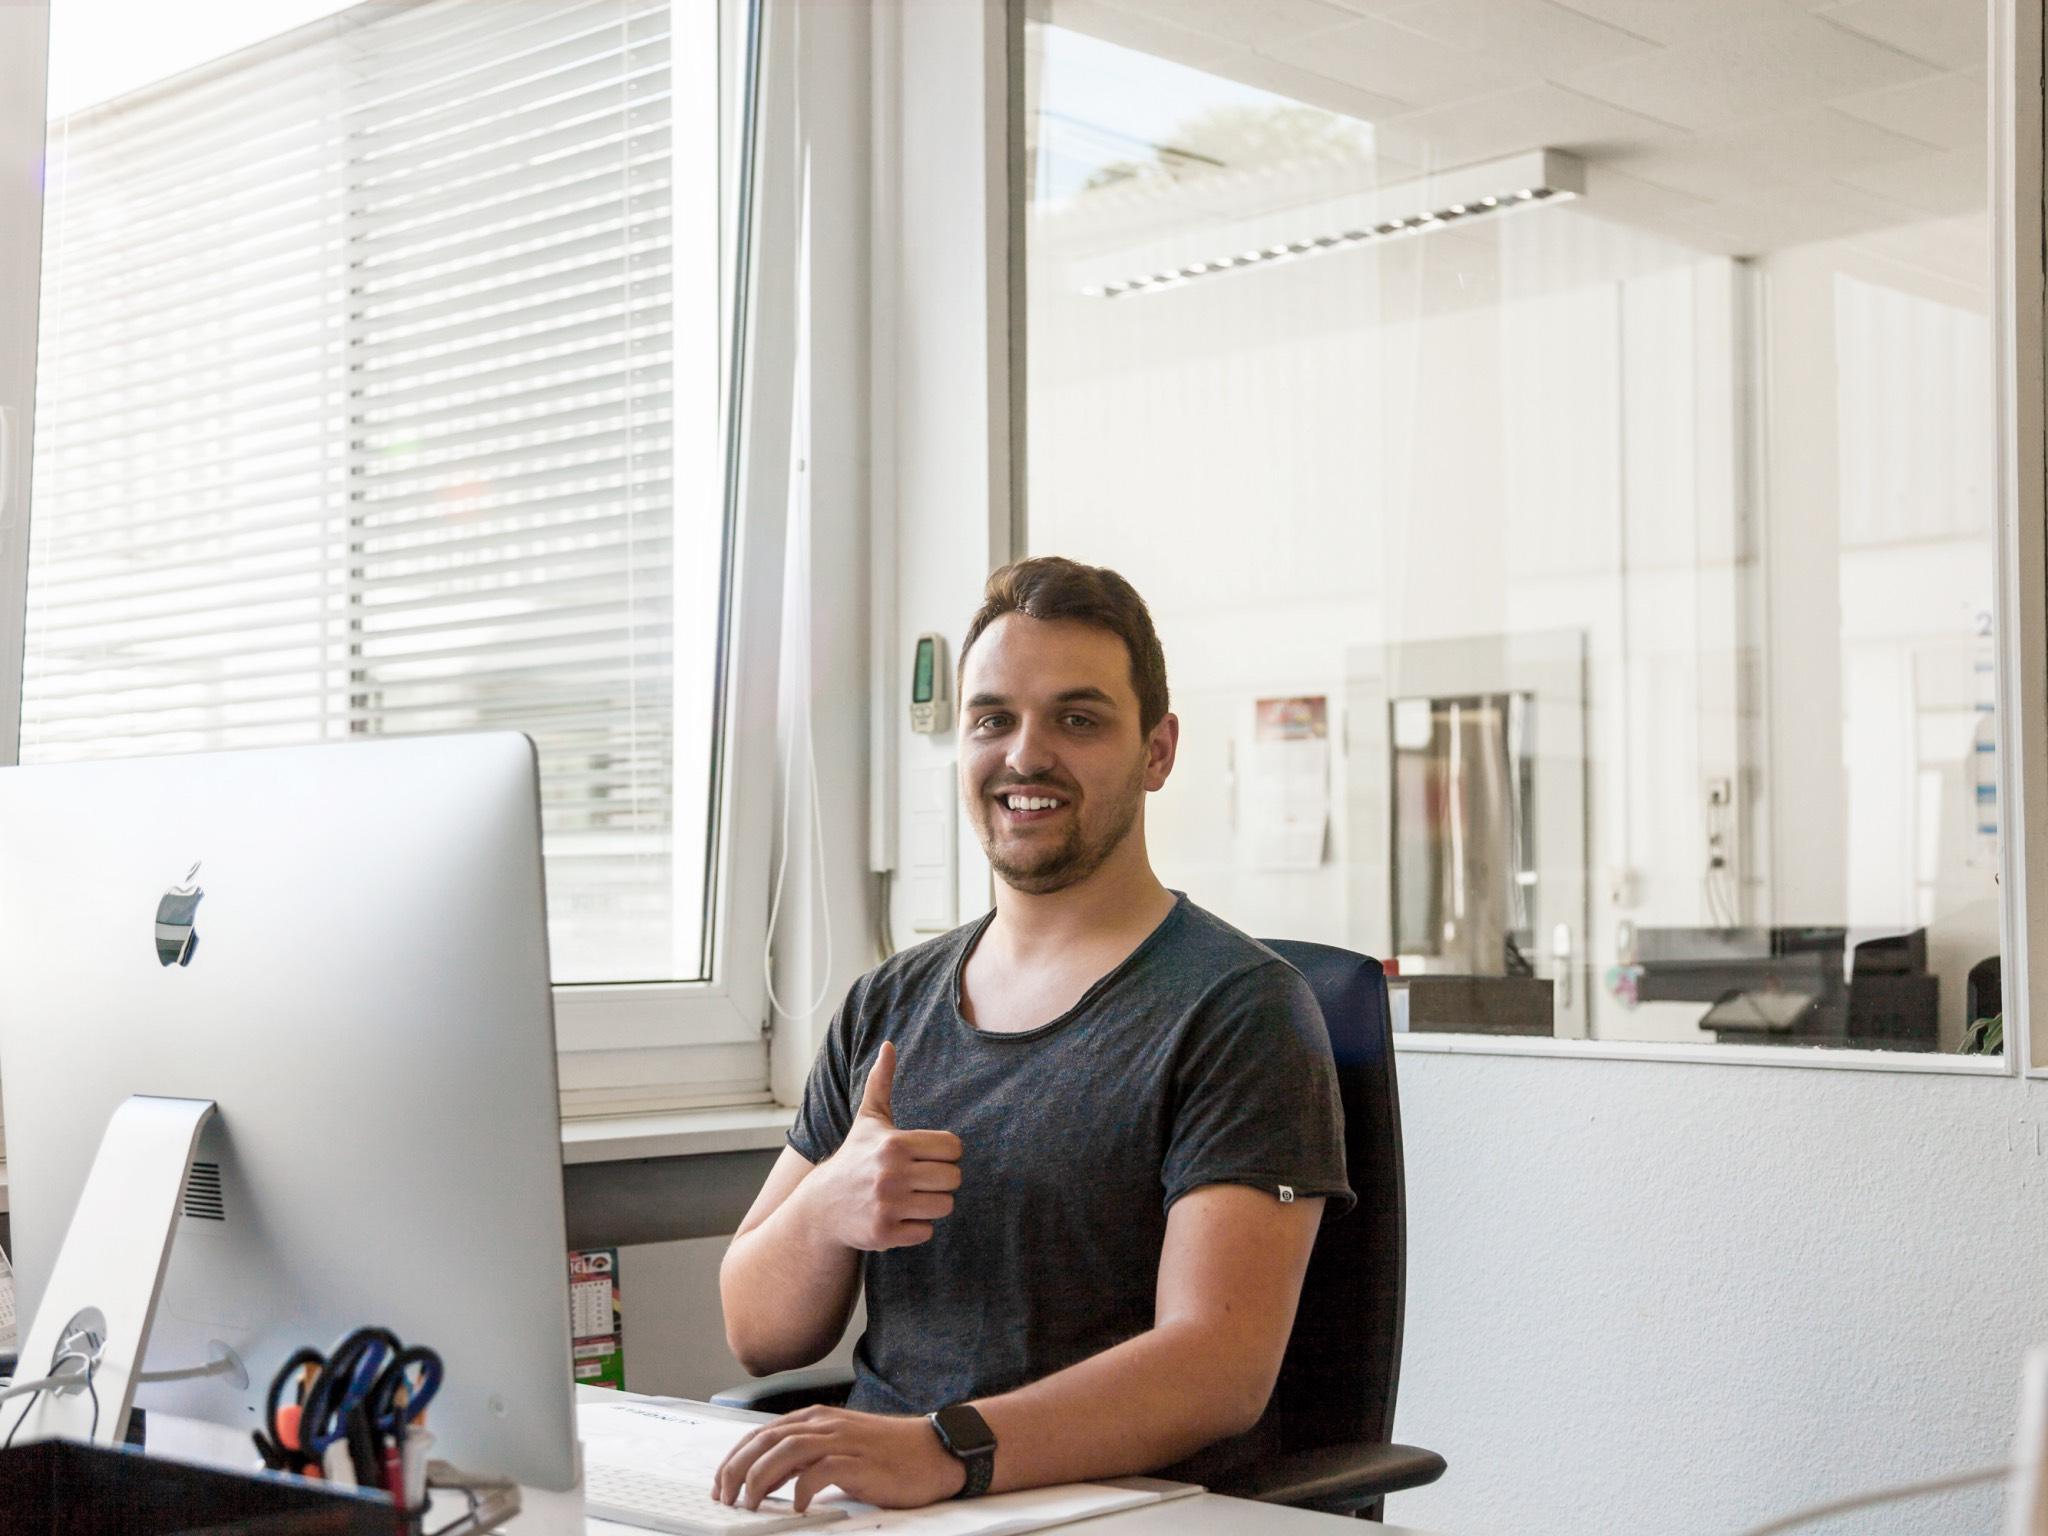 Aktuell ist die J.E. Schum GmbH auf der Suche nach Auszubildenden und Dual Studierenden. Foto: J.E. Schum GmbH & Co. KG